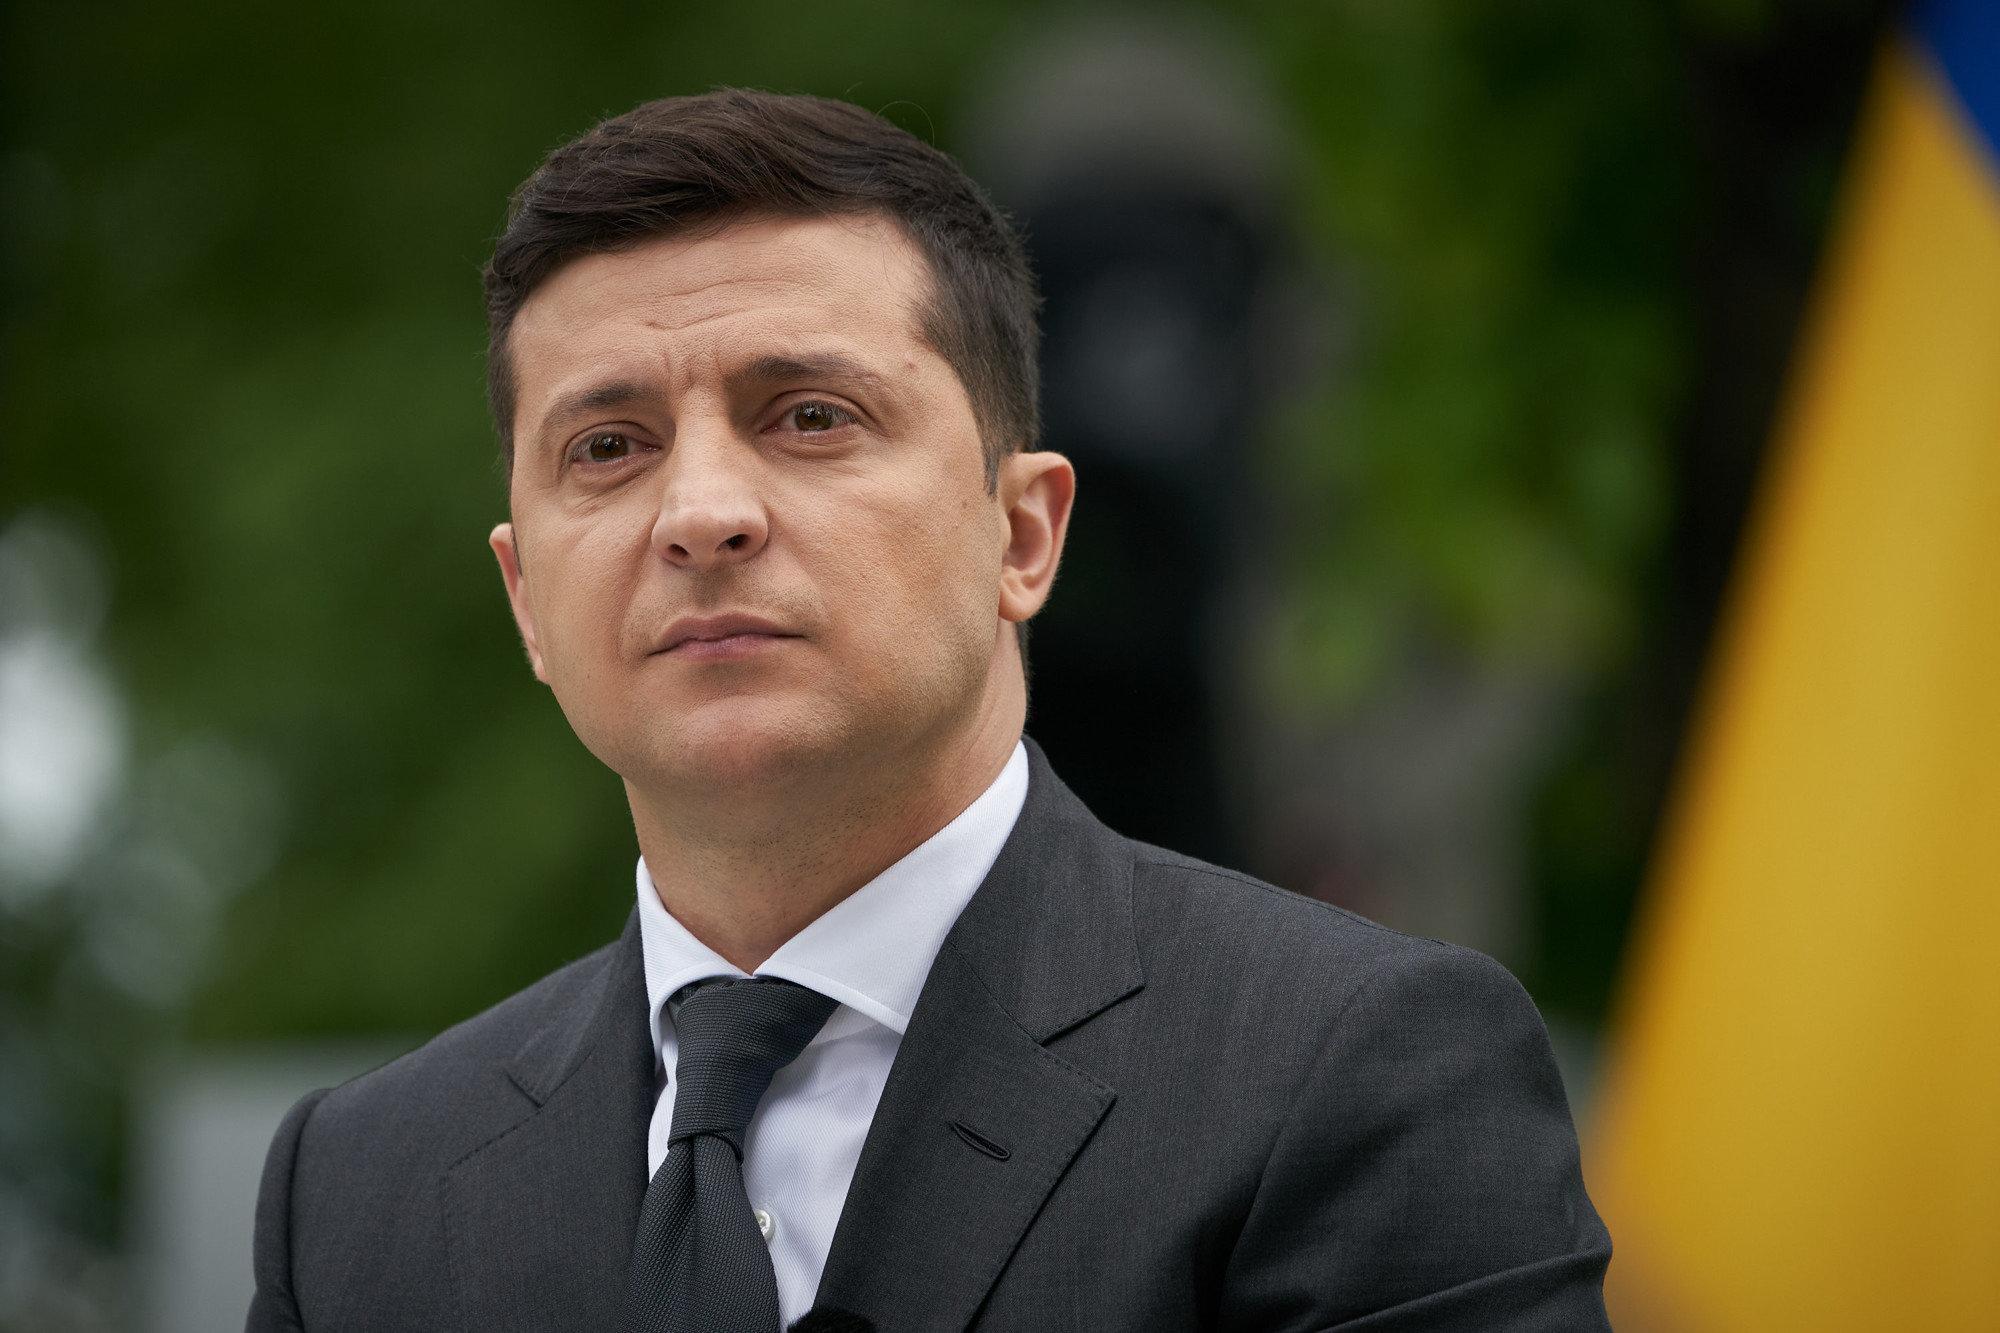 Зеленский готов продолжить диалог с Путиным по Донбассу